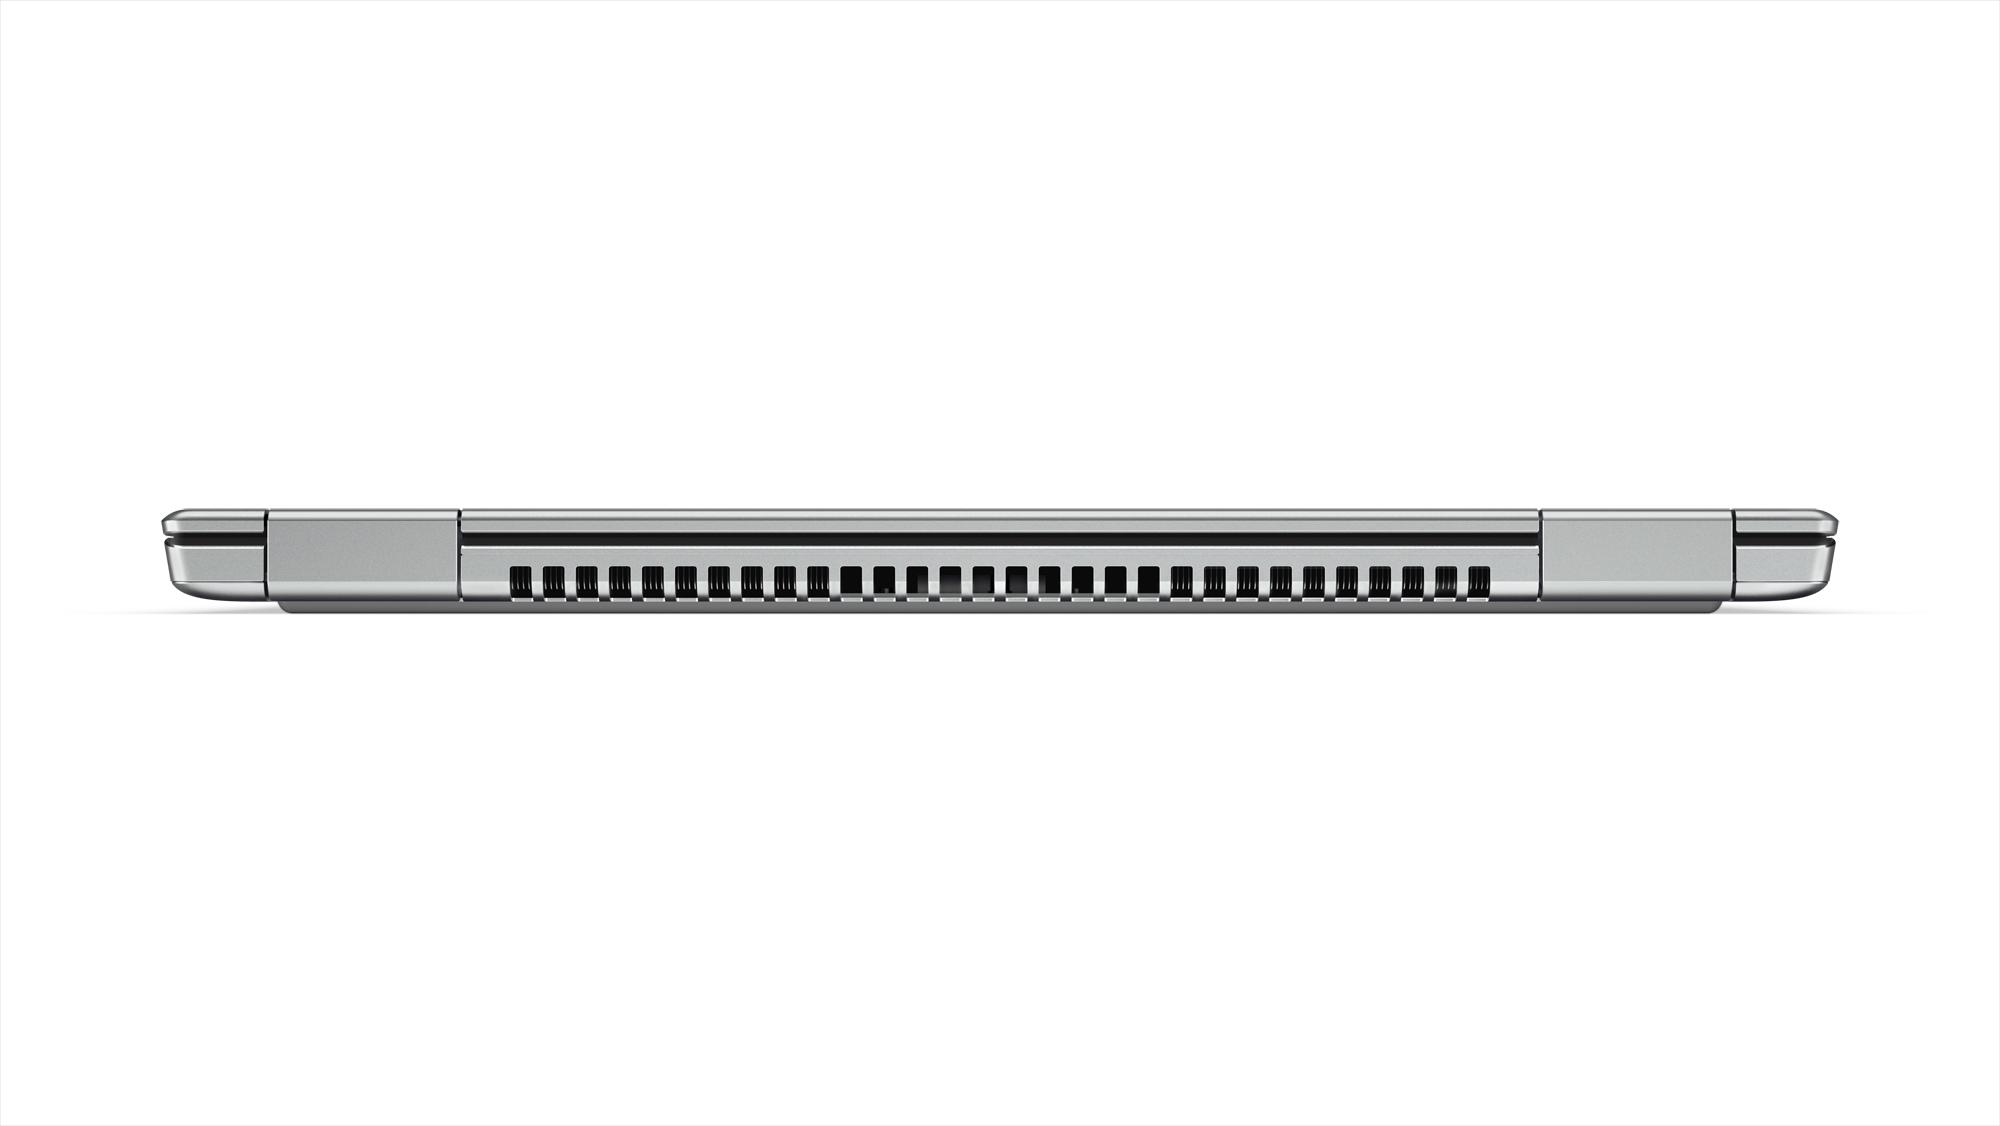 Фото  Ультрабук Lenovo Yoga 720 Platinum (80X700BHRA)